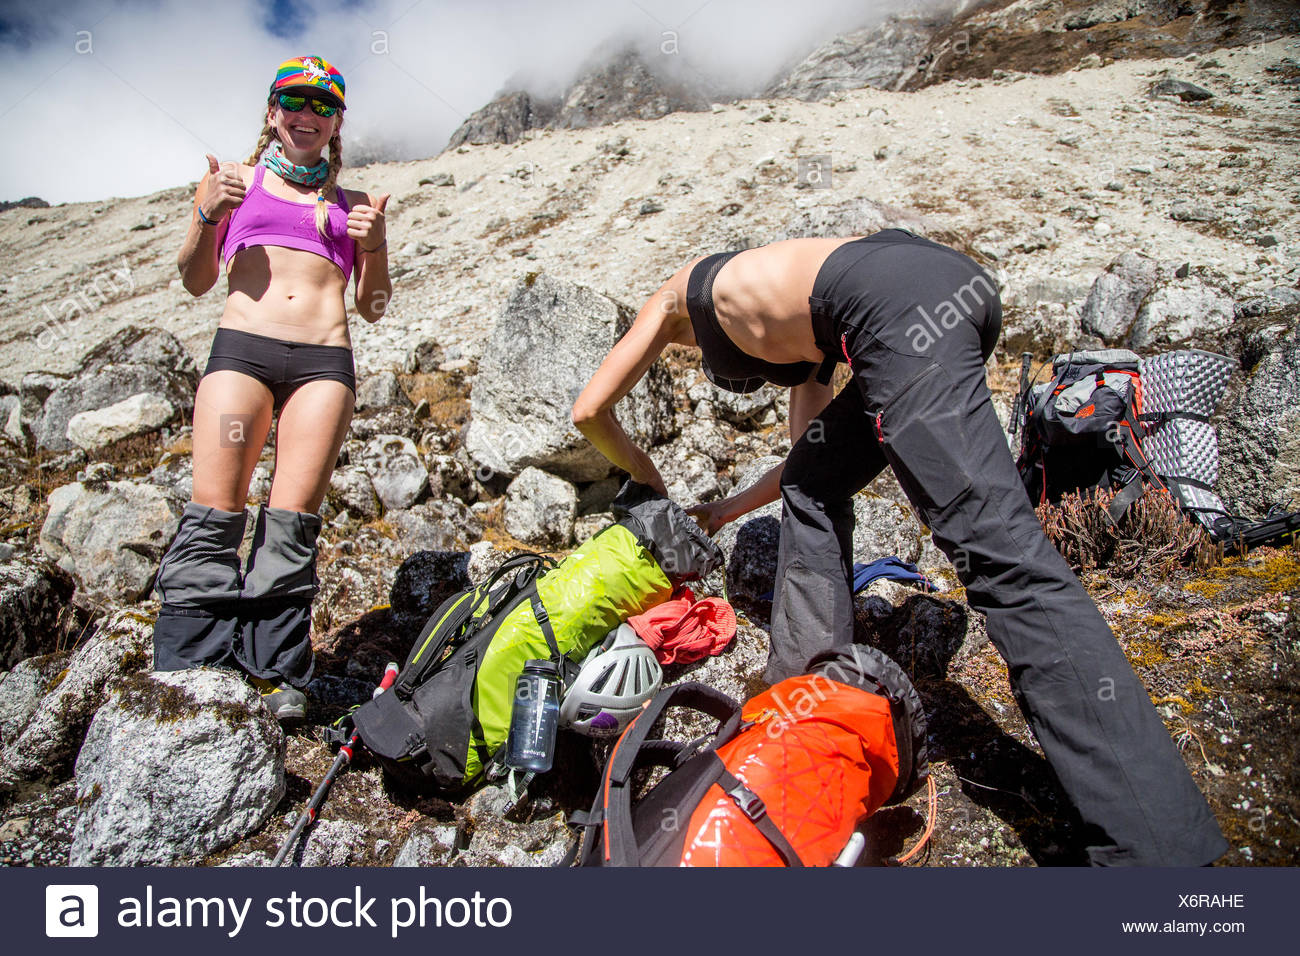 Membri della spedizione a cambiare i loro vestiti e imballaggio. Immagini Stock